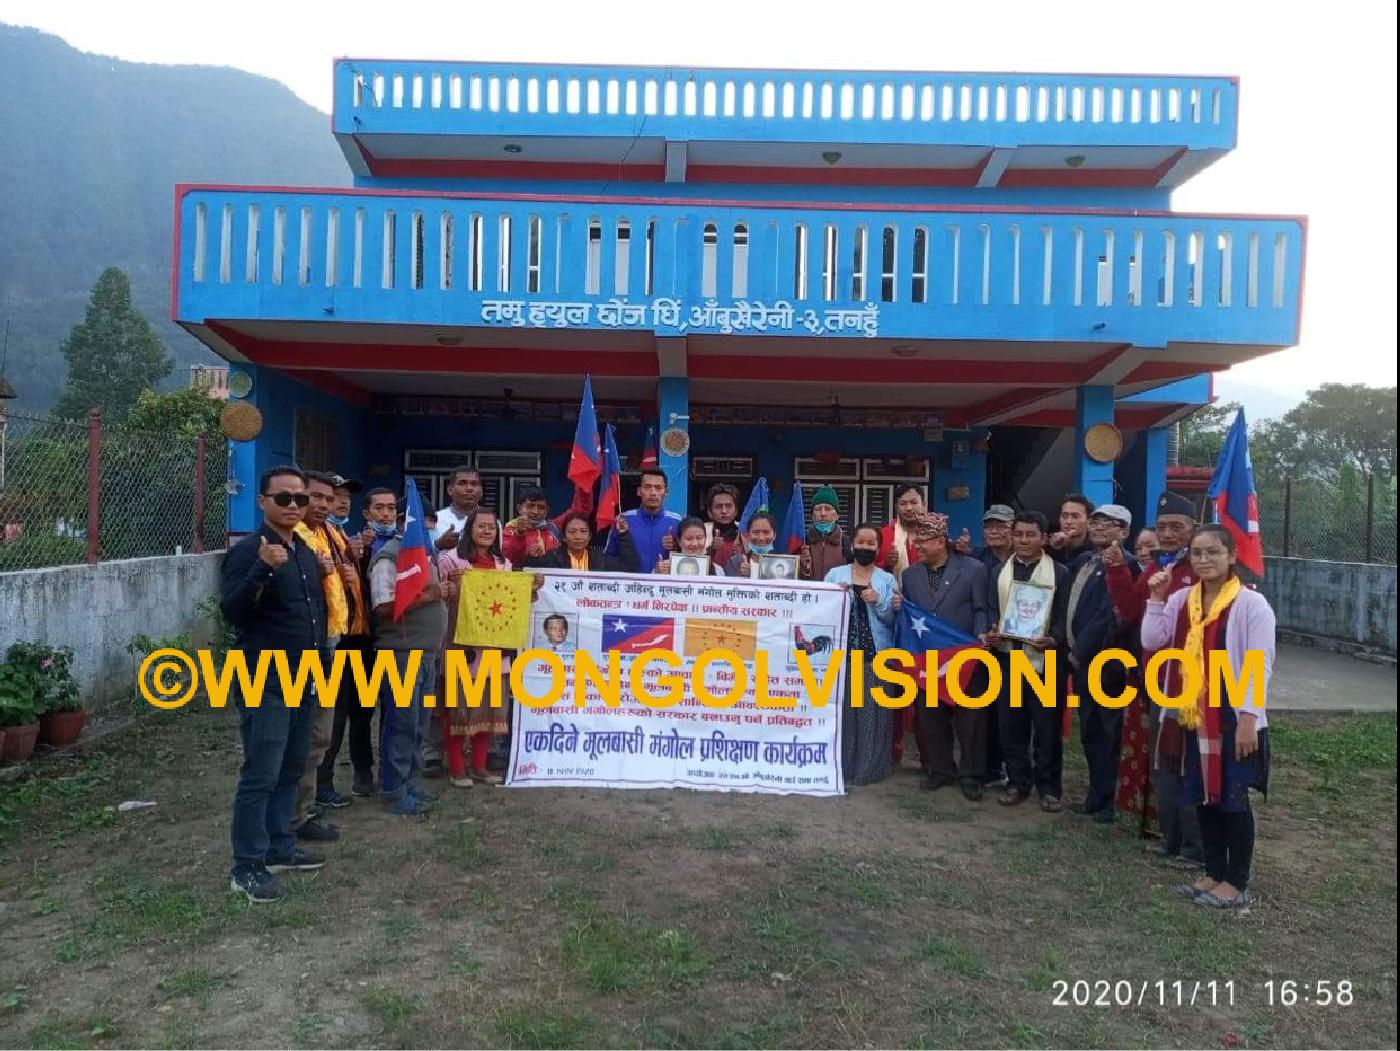 तनहूँको आबूखैरेनिमा मुलवासी मंगोल प्रशिक्षण कार्यक्रम सम्पन्न